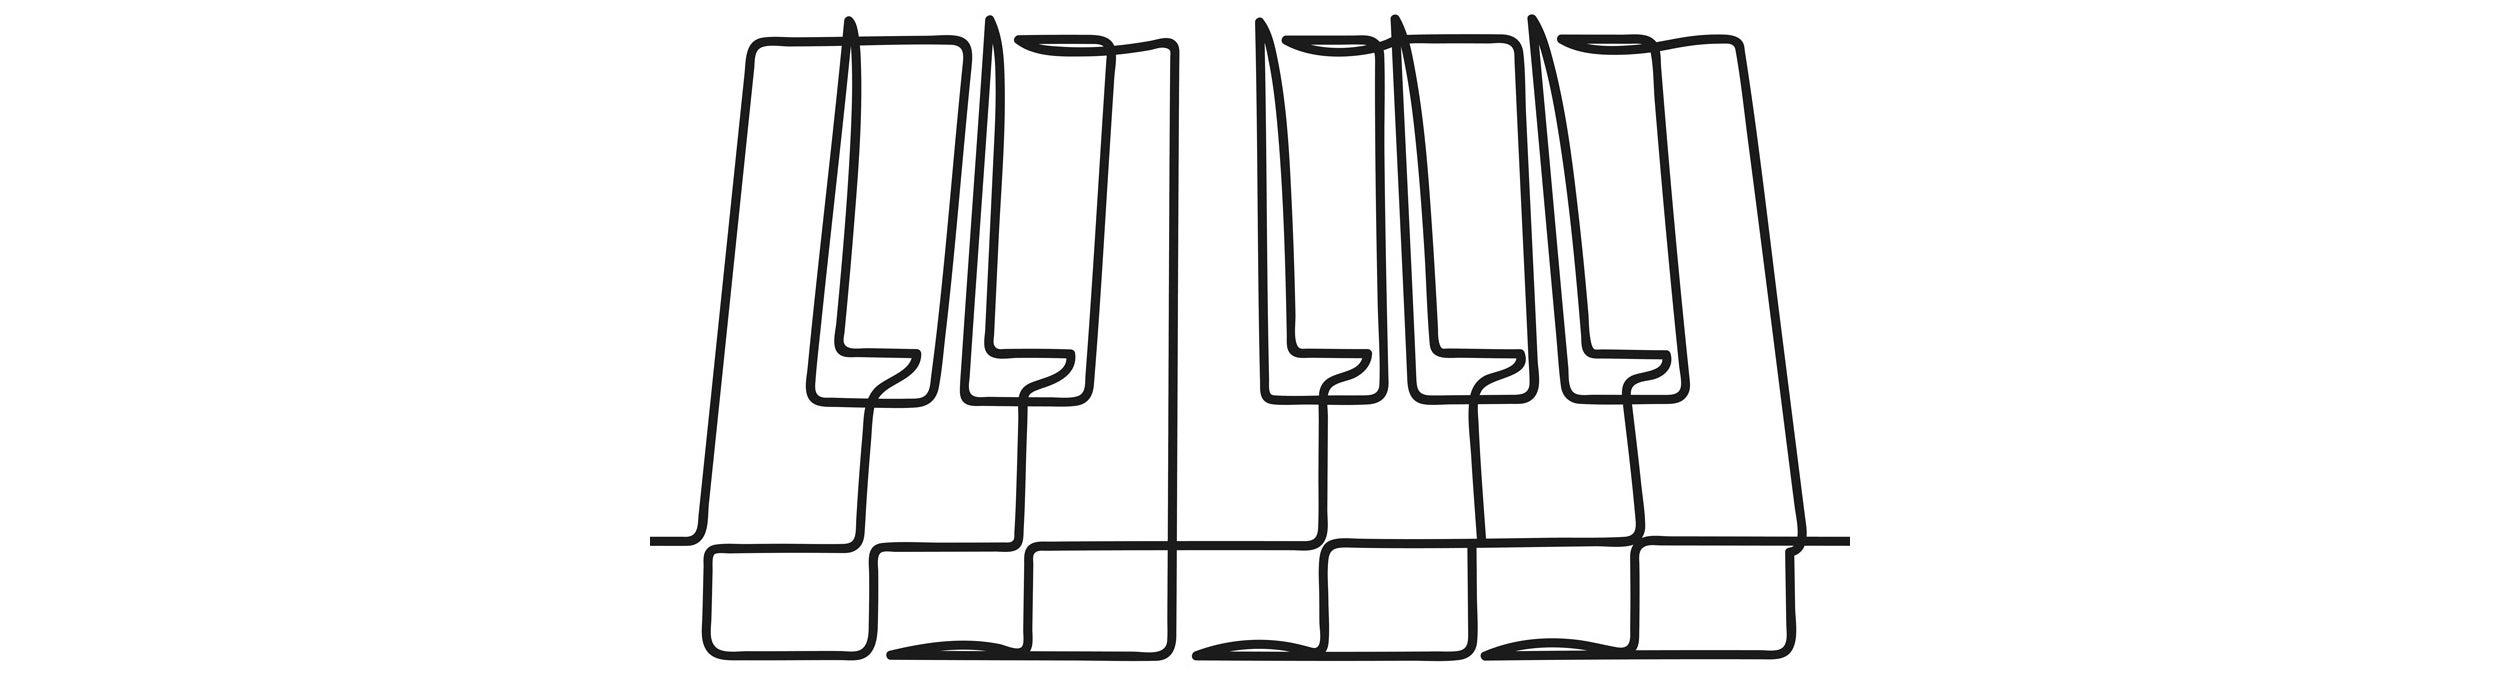 Sketch of piano keys.